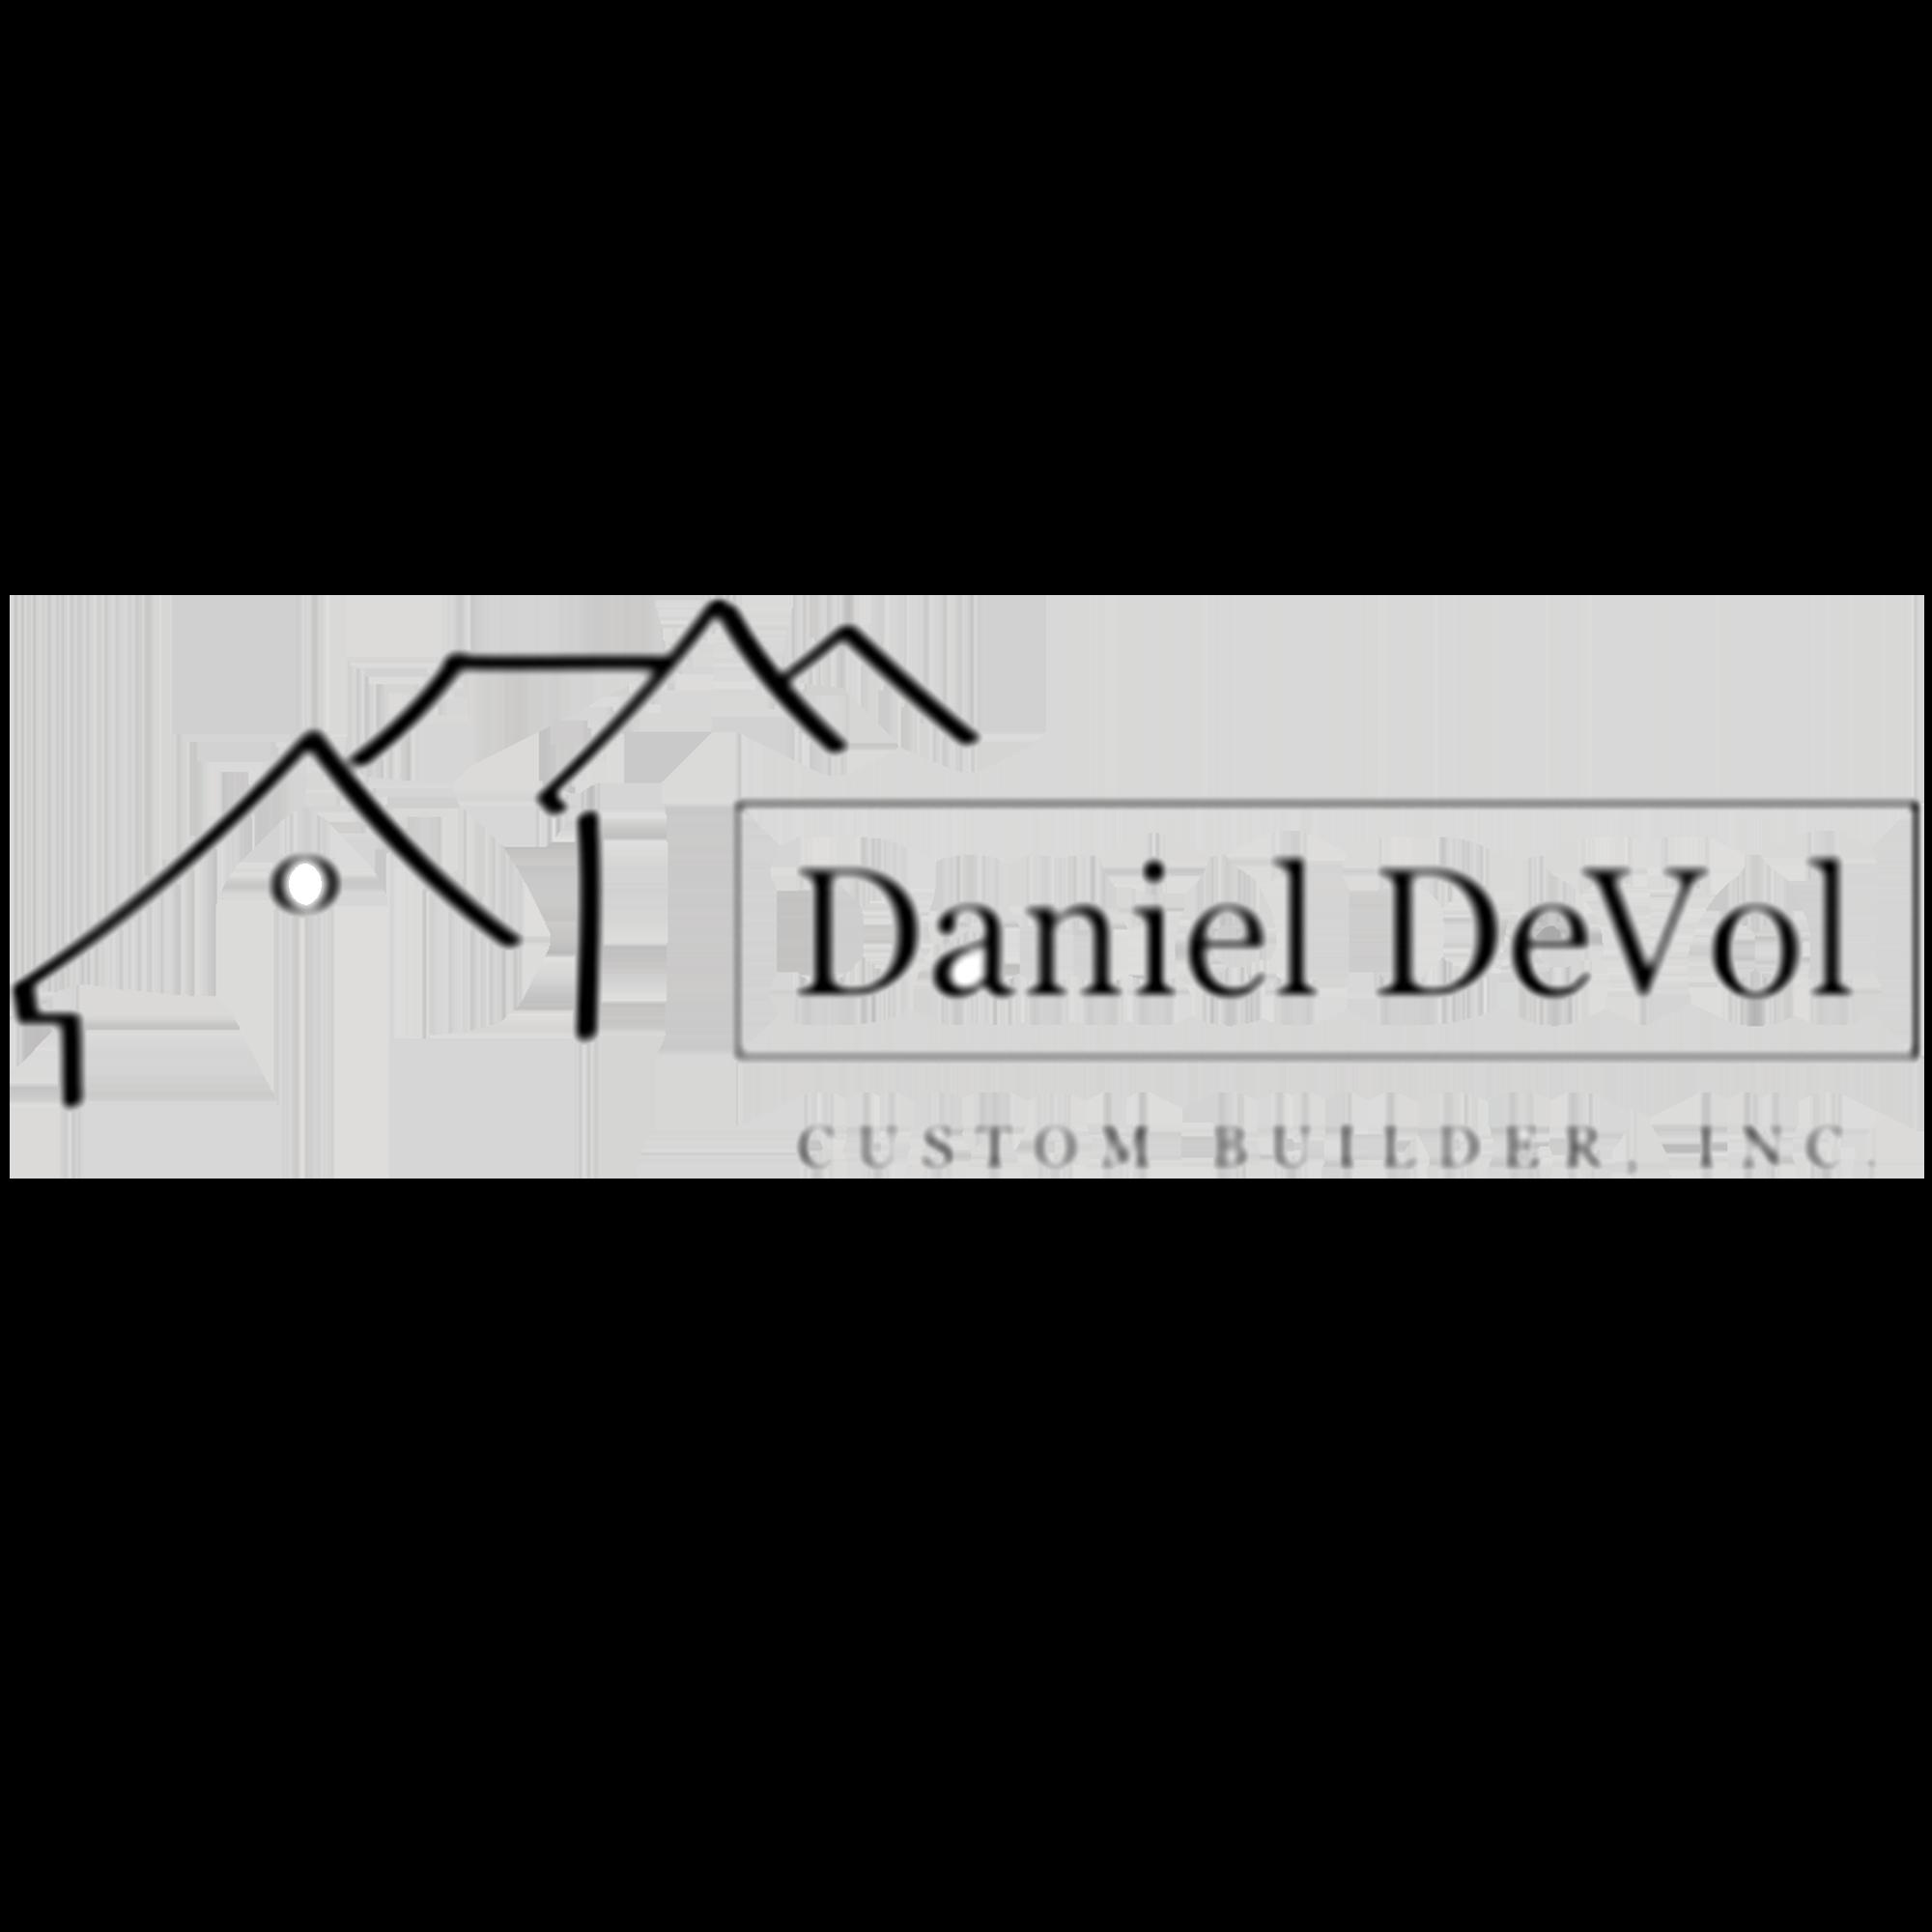 Daniel Devol Custom Builder